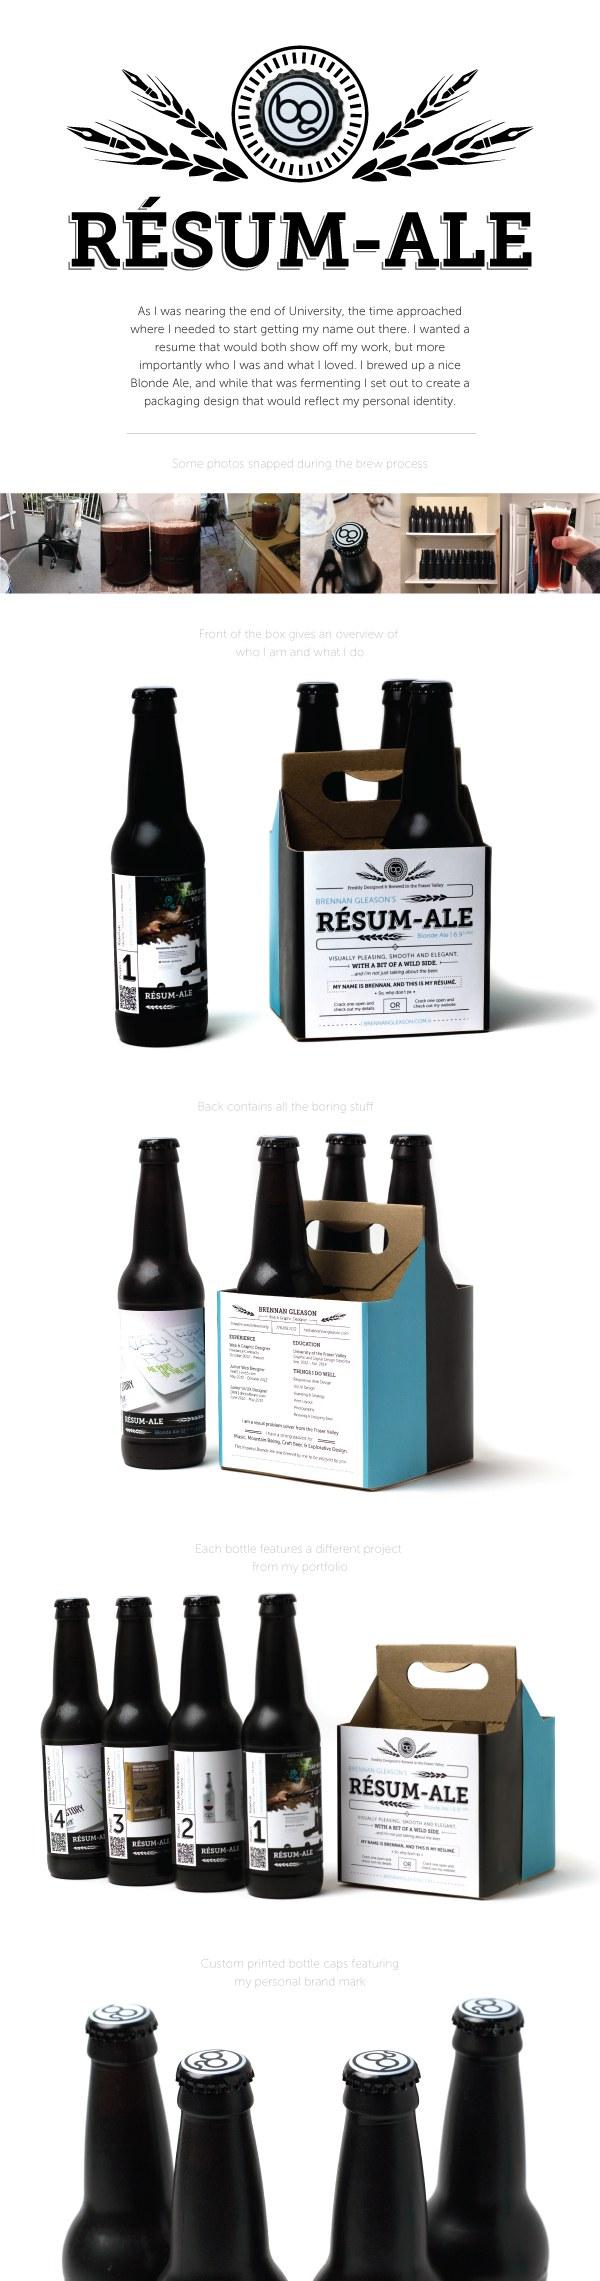 resum-ale-brennan-gleason